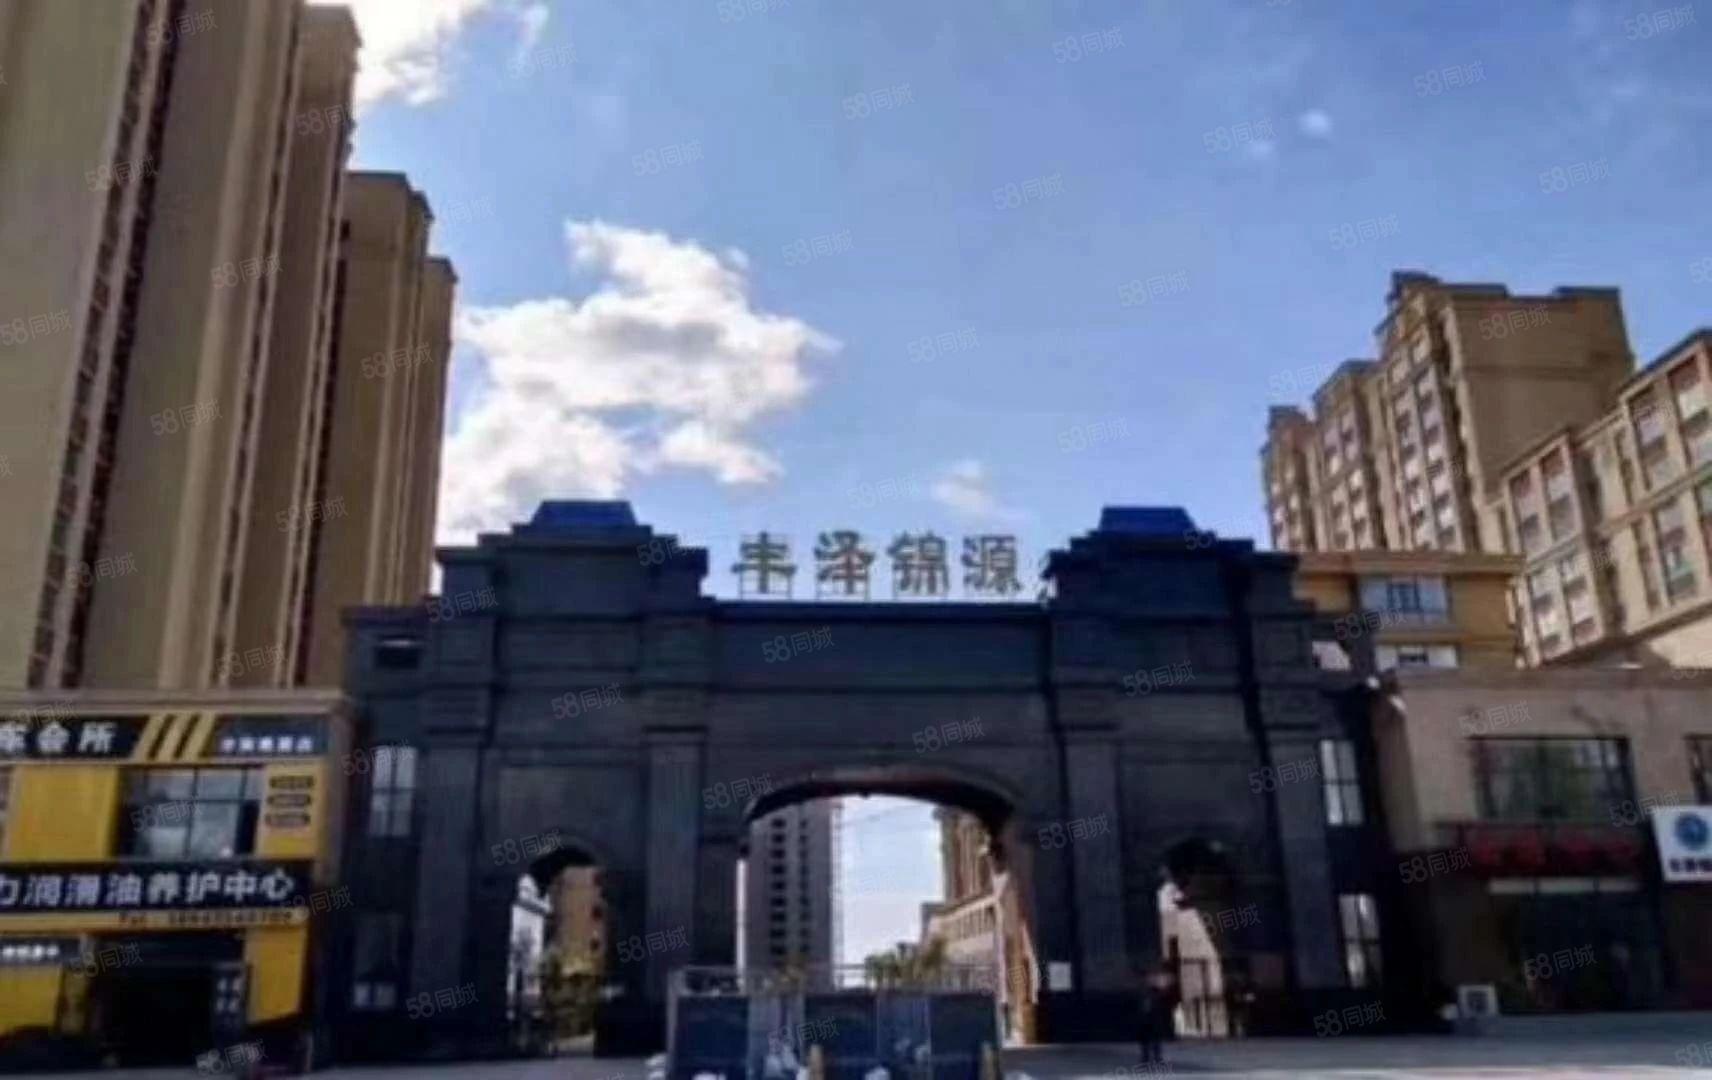 丰泽锦园二期多层六楼88.64商品房票子直接更名